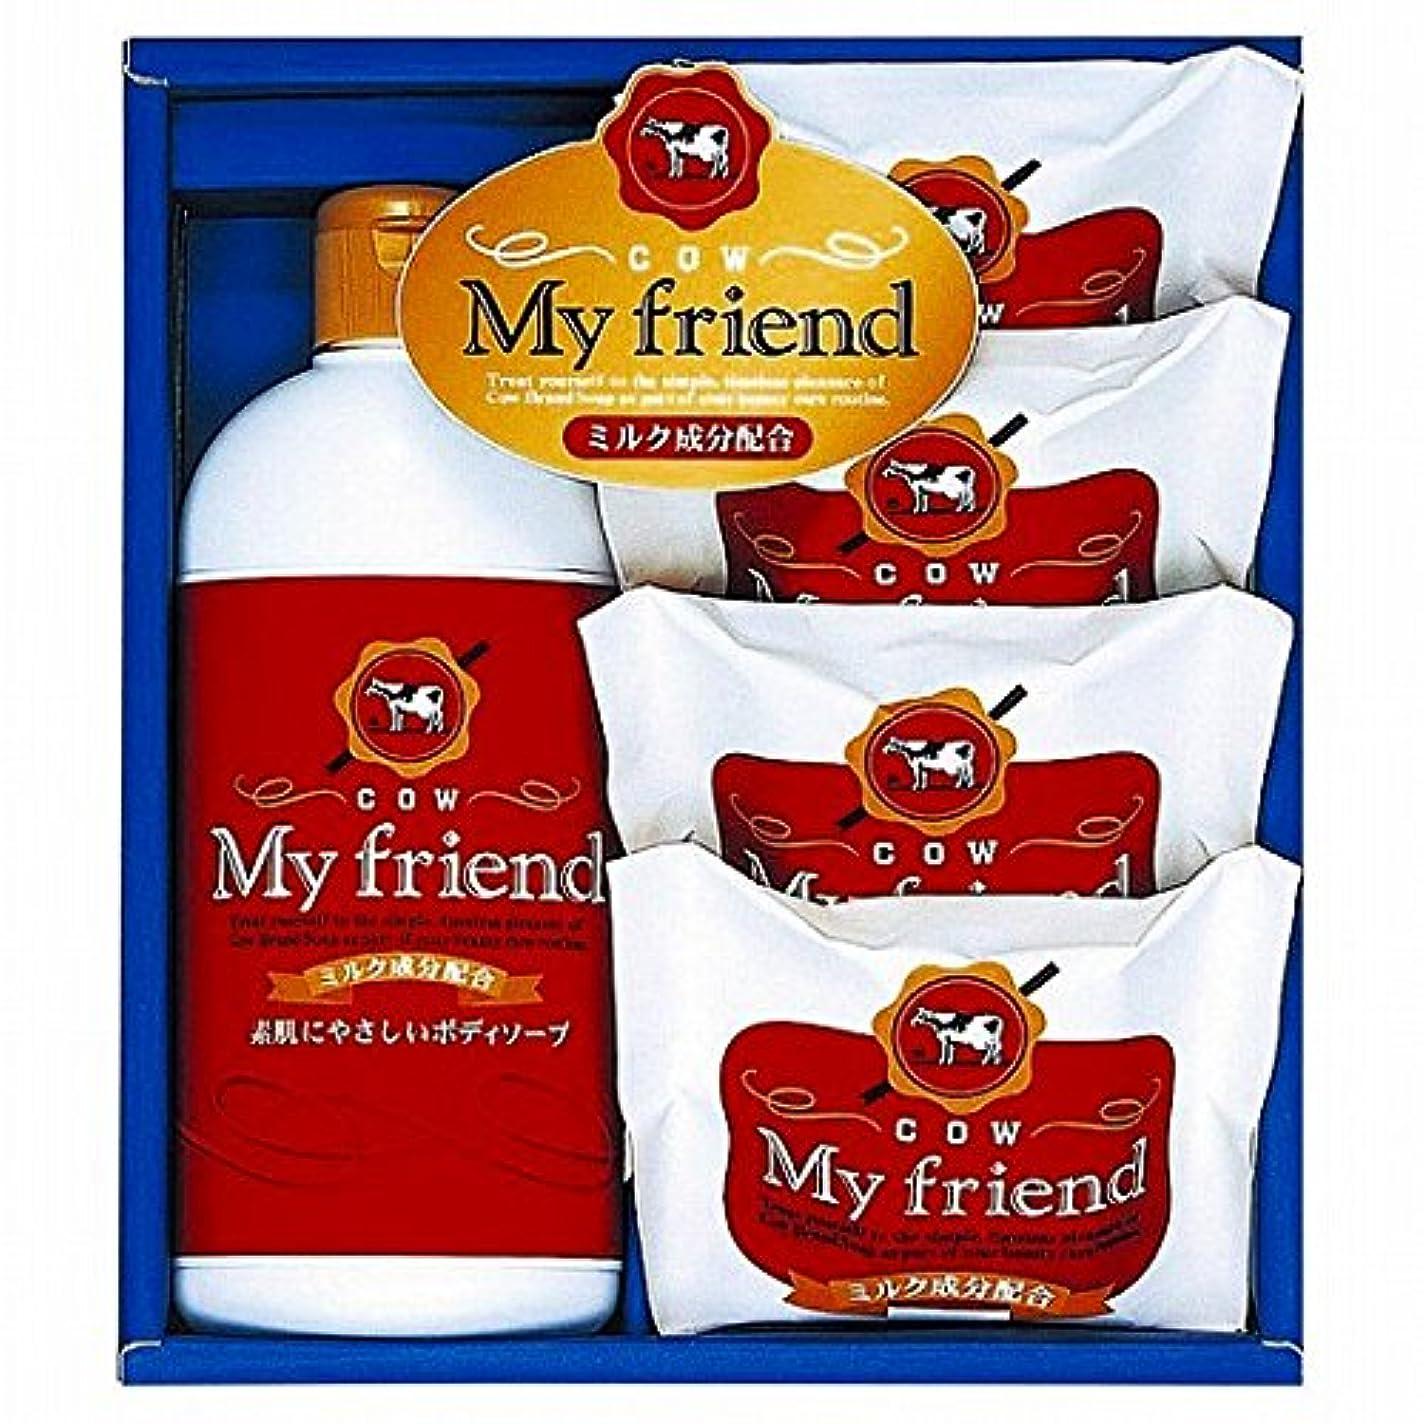 コマンドクレーン壁紙nobrand 牛乳石鹸 マイフレンドボディソープセット (21940007)